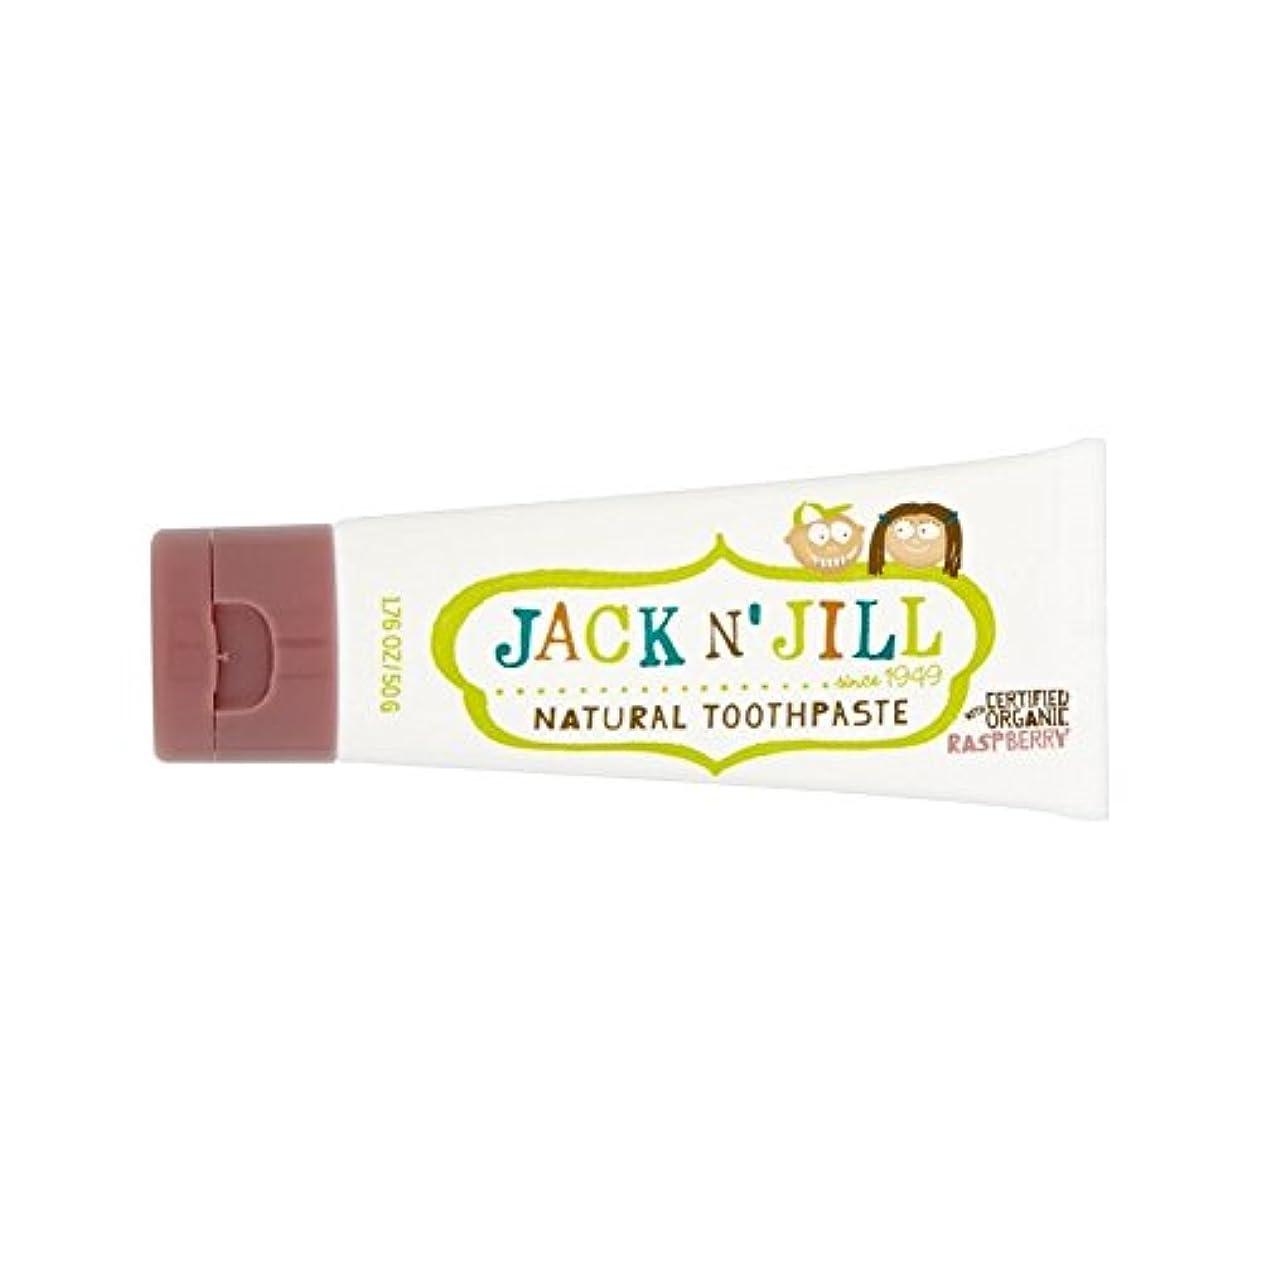 マッシュフレームワークエチケット有機香味50グラム天然ラズベリー歯磨き粉 (Jack N Jill) - Jack N' Jill Raspberry Toothpaste Natural with Organic Flavouring 50g [並行輸入品]